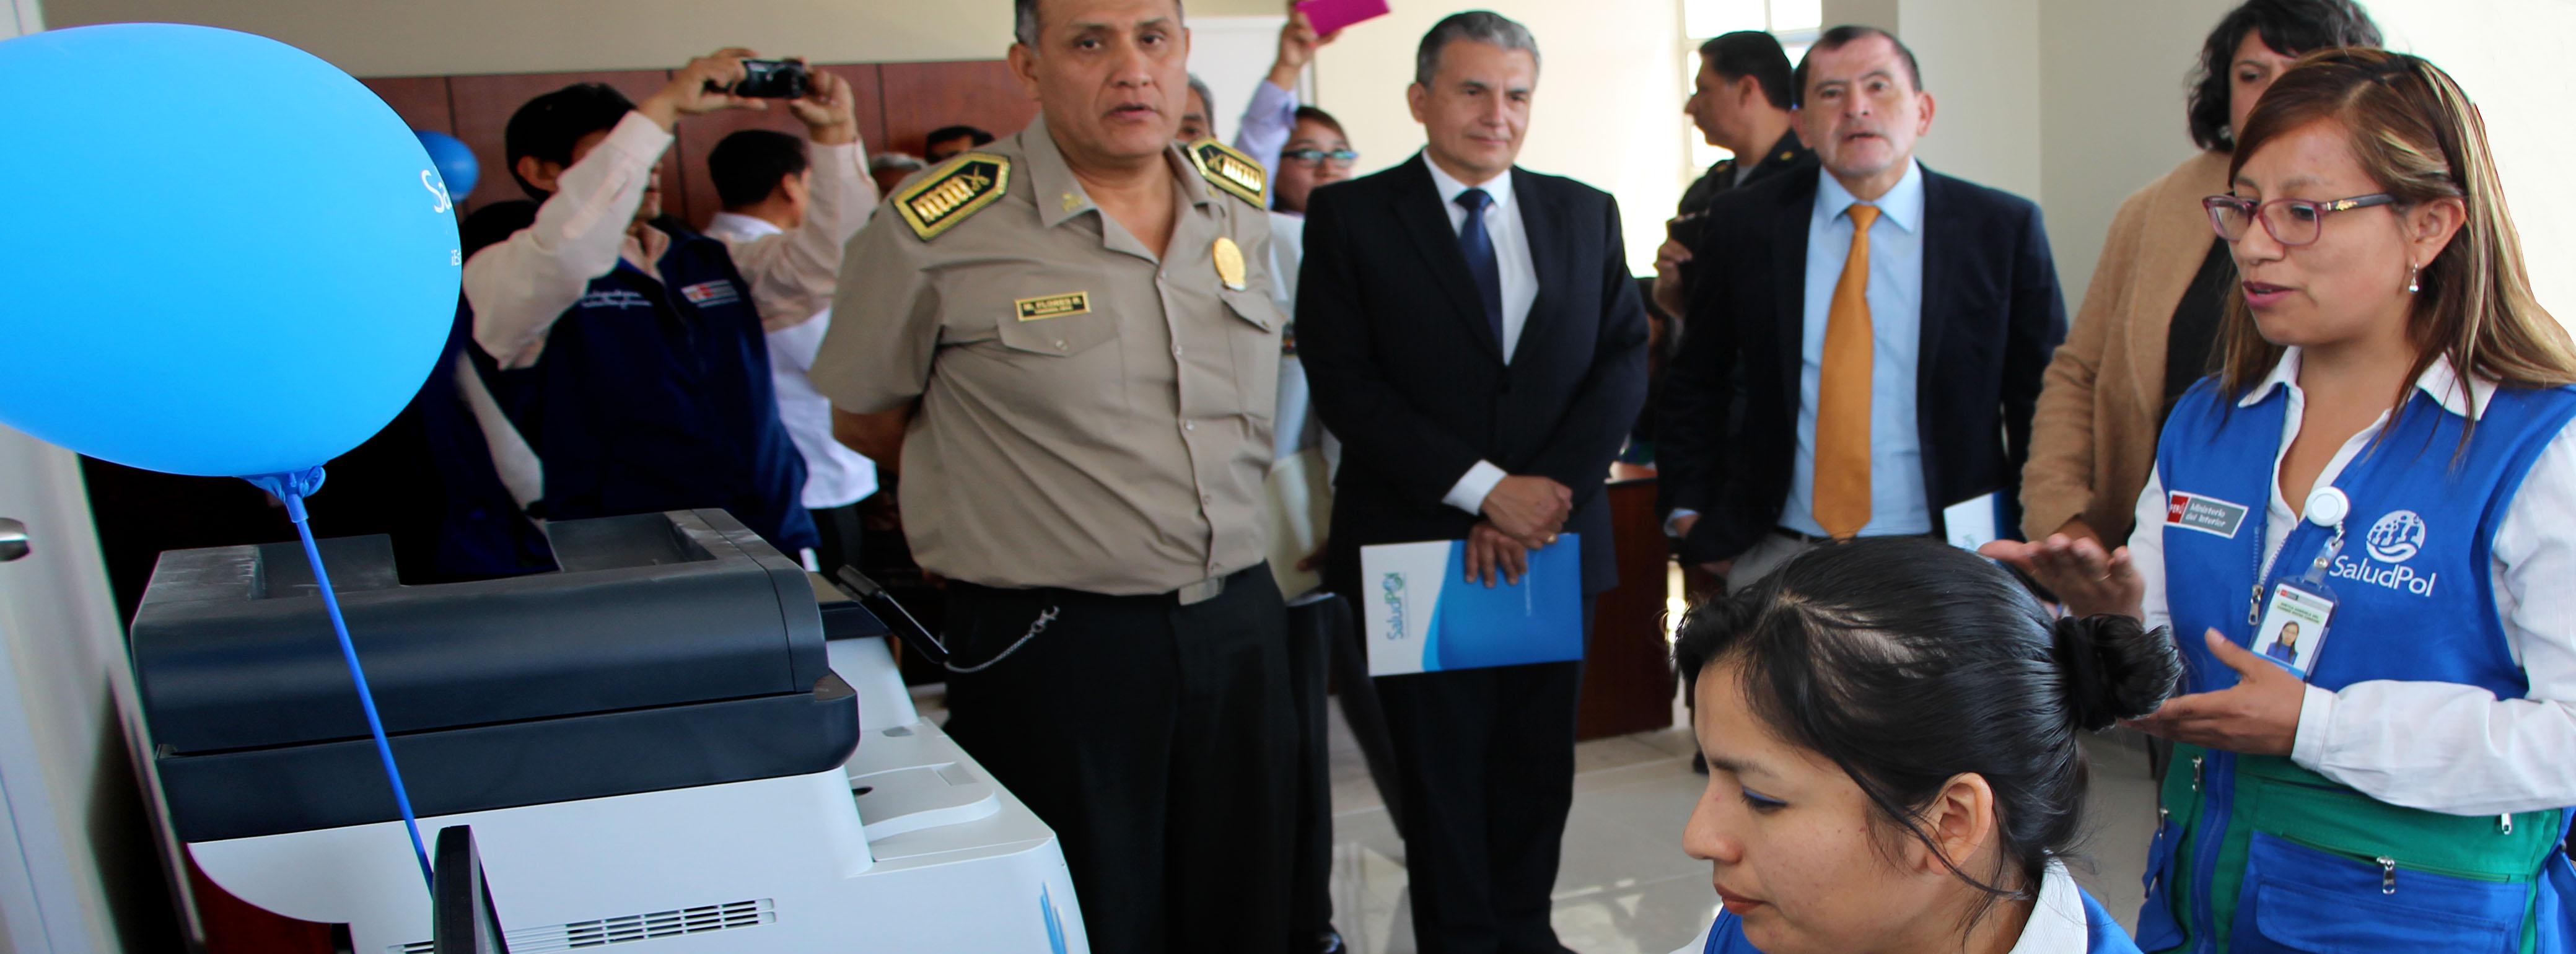 SALUDPOL INAUGURA NUEVA OFICINA PARA ATENCIÓN DE FAMILIA POLICIAL EN AREQUIPA